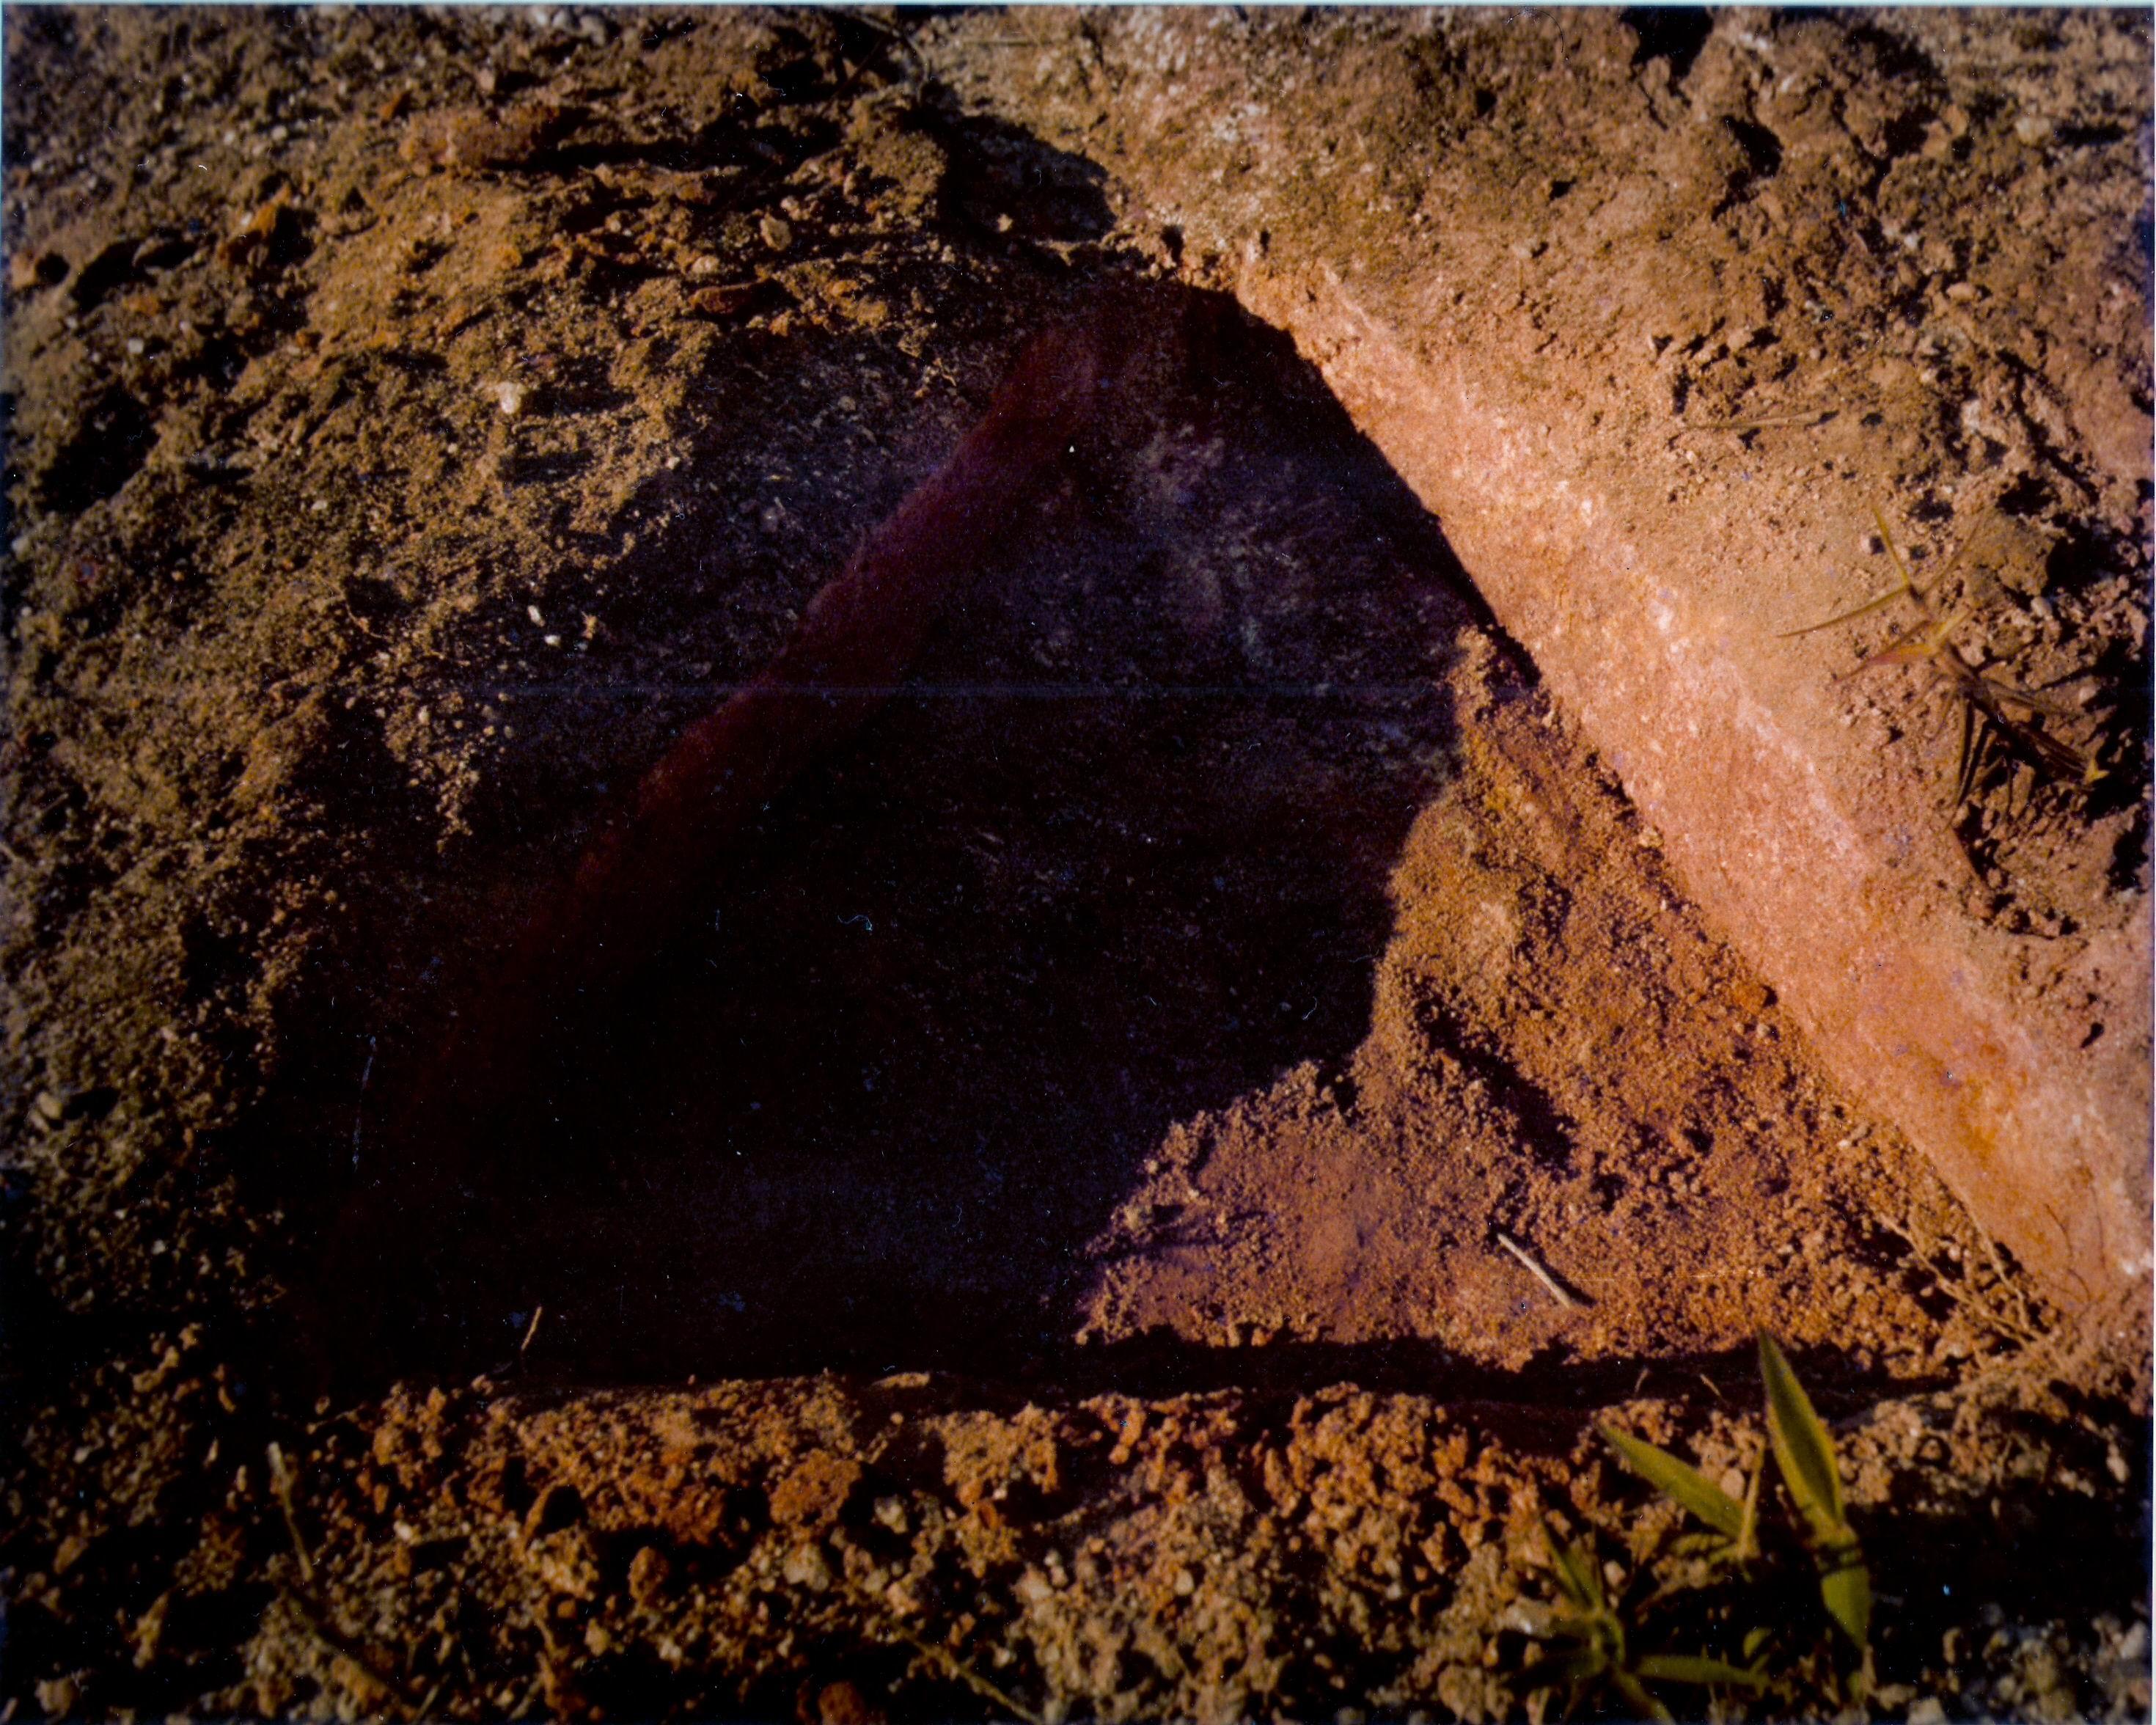 Na mina de caulim 3.3-1980